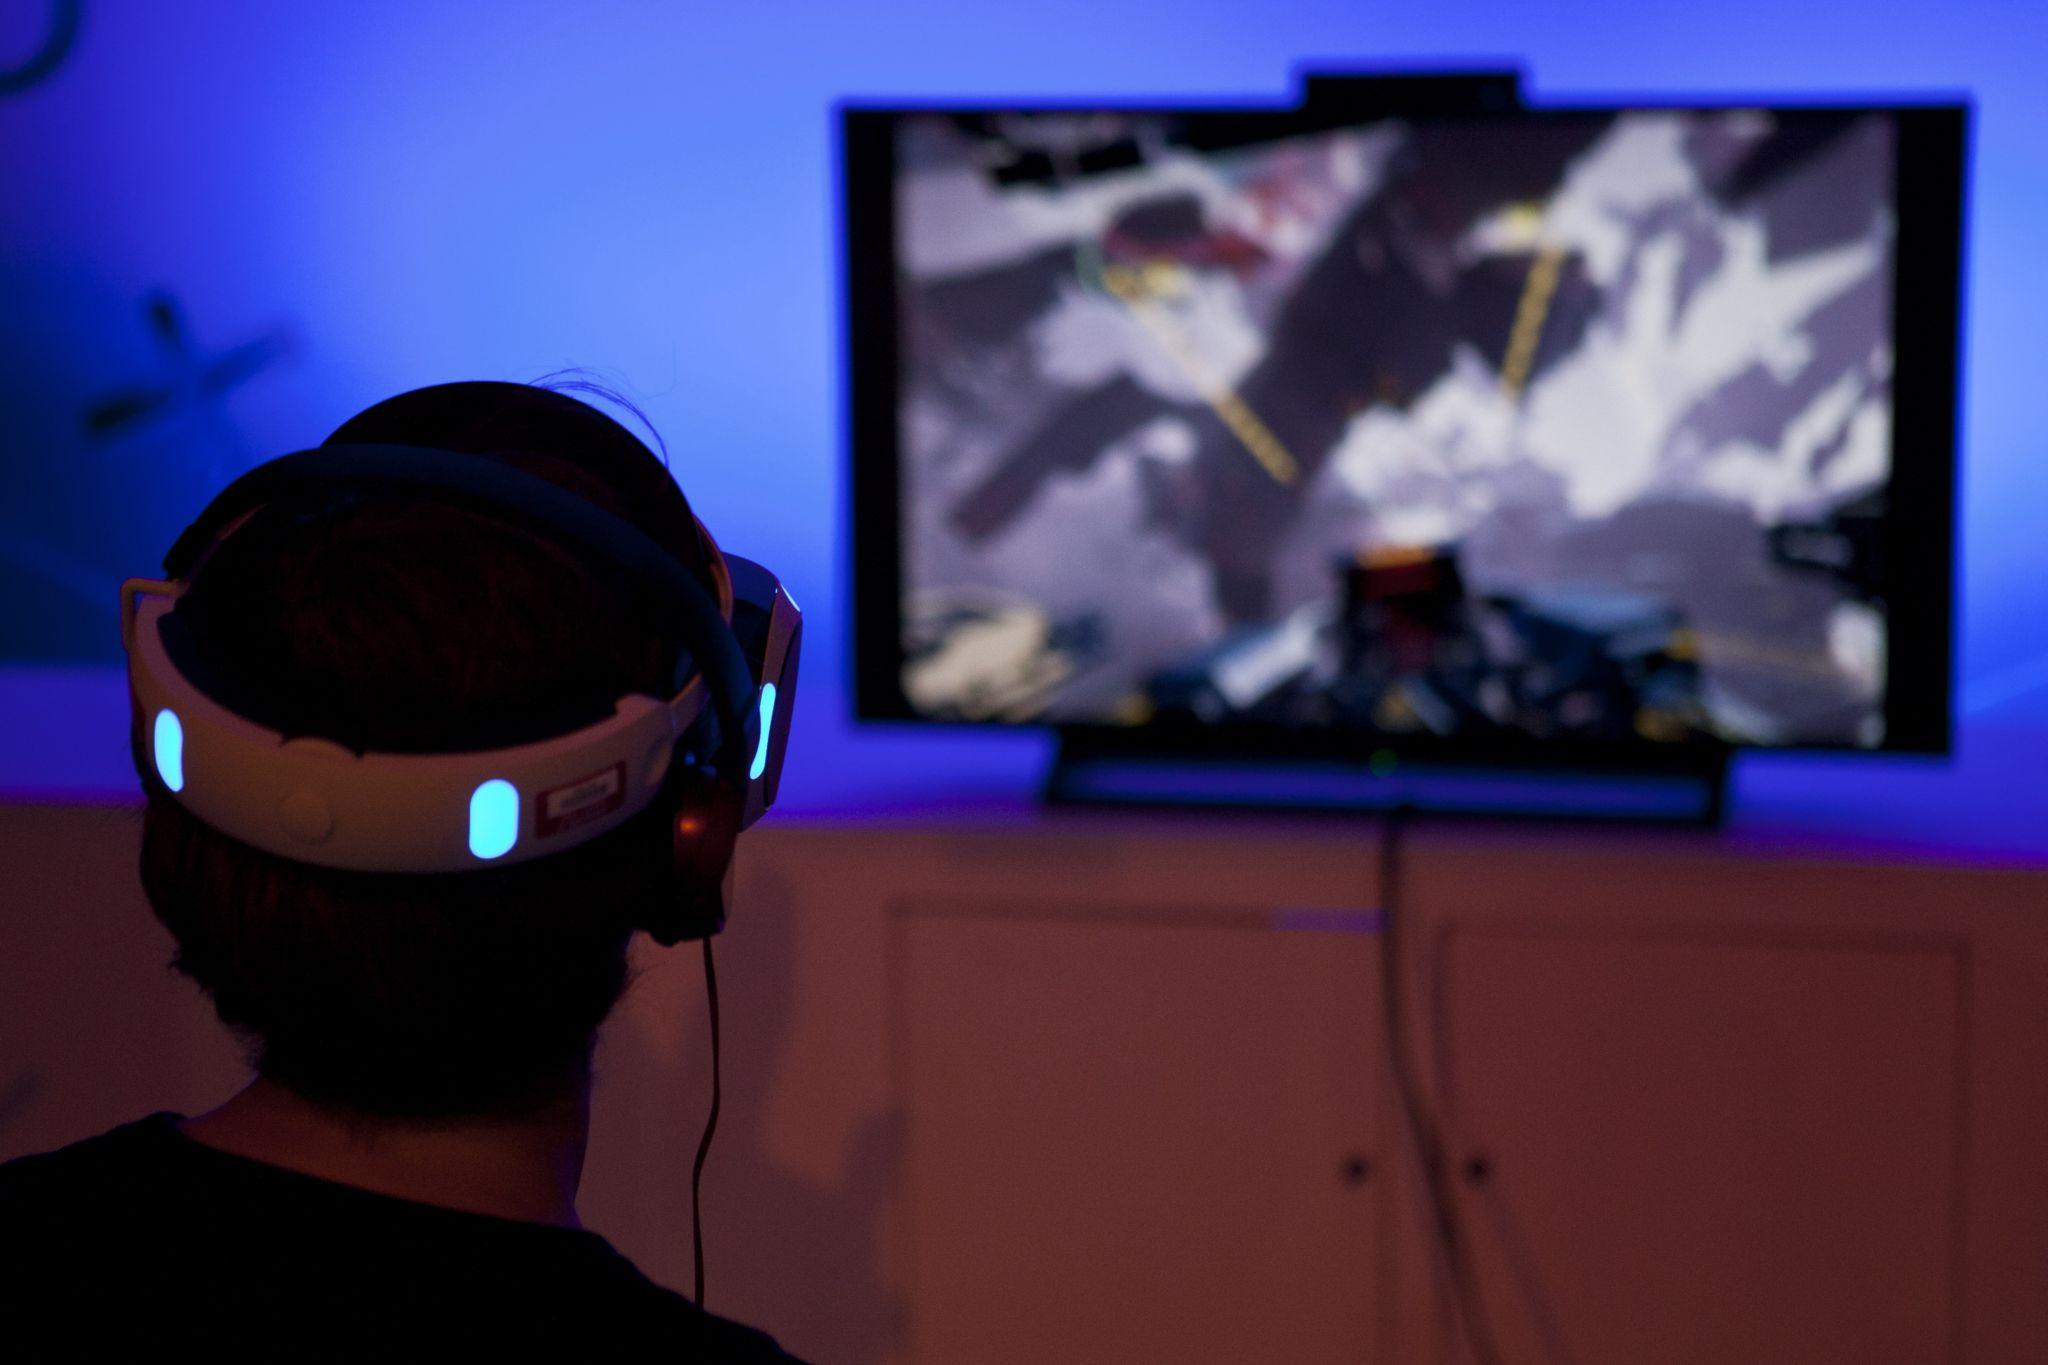 Gamer uses VR headset